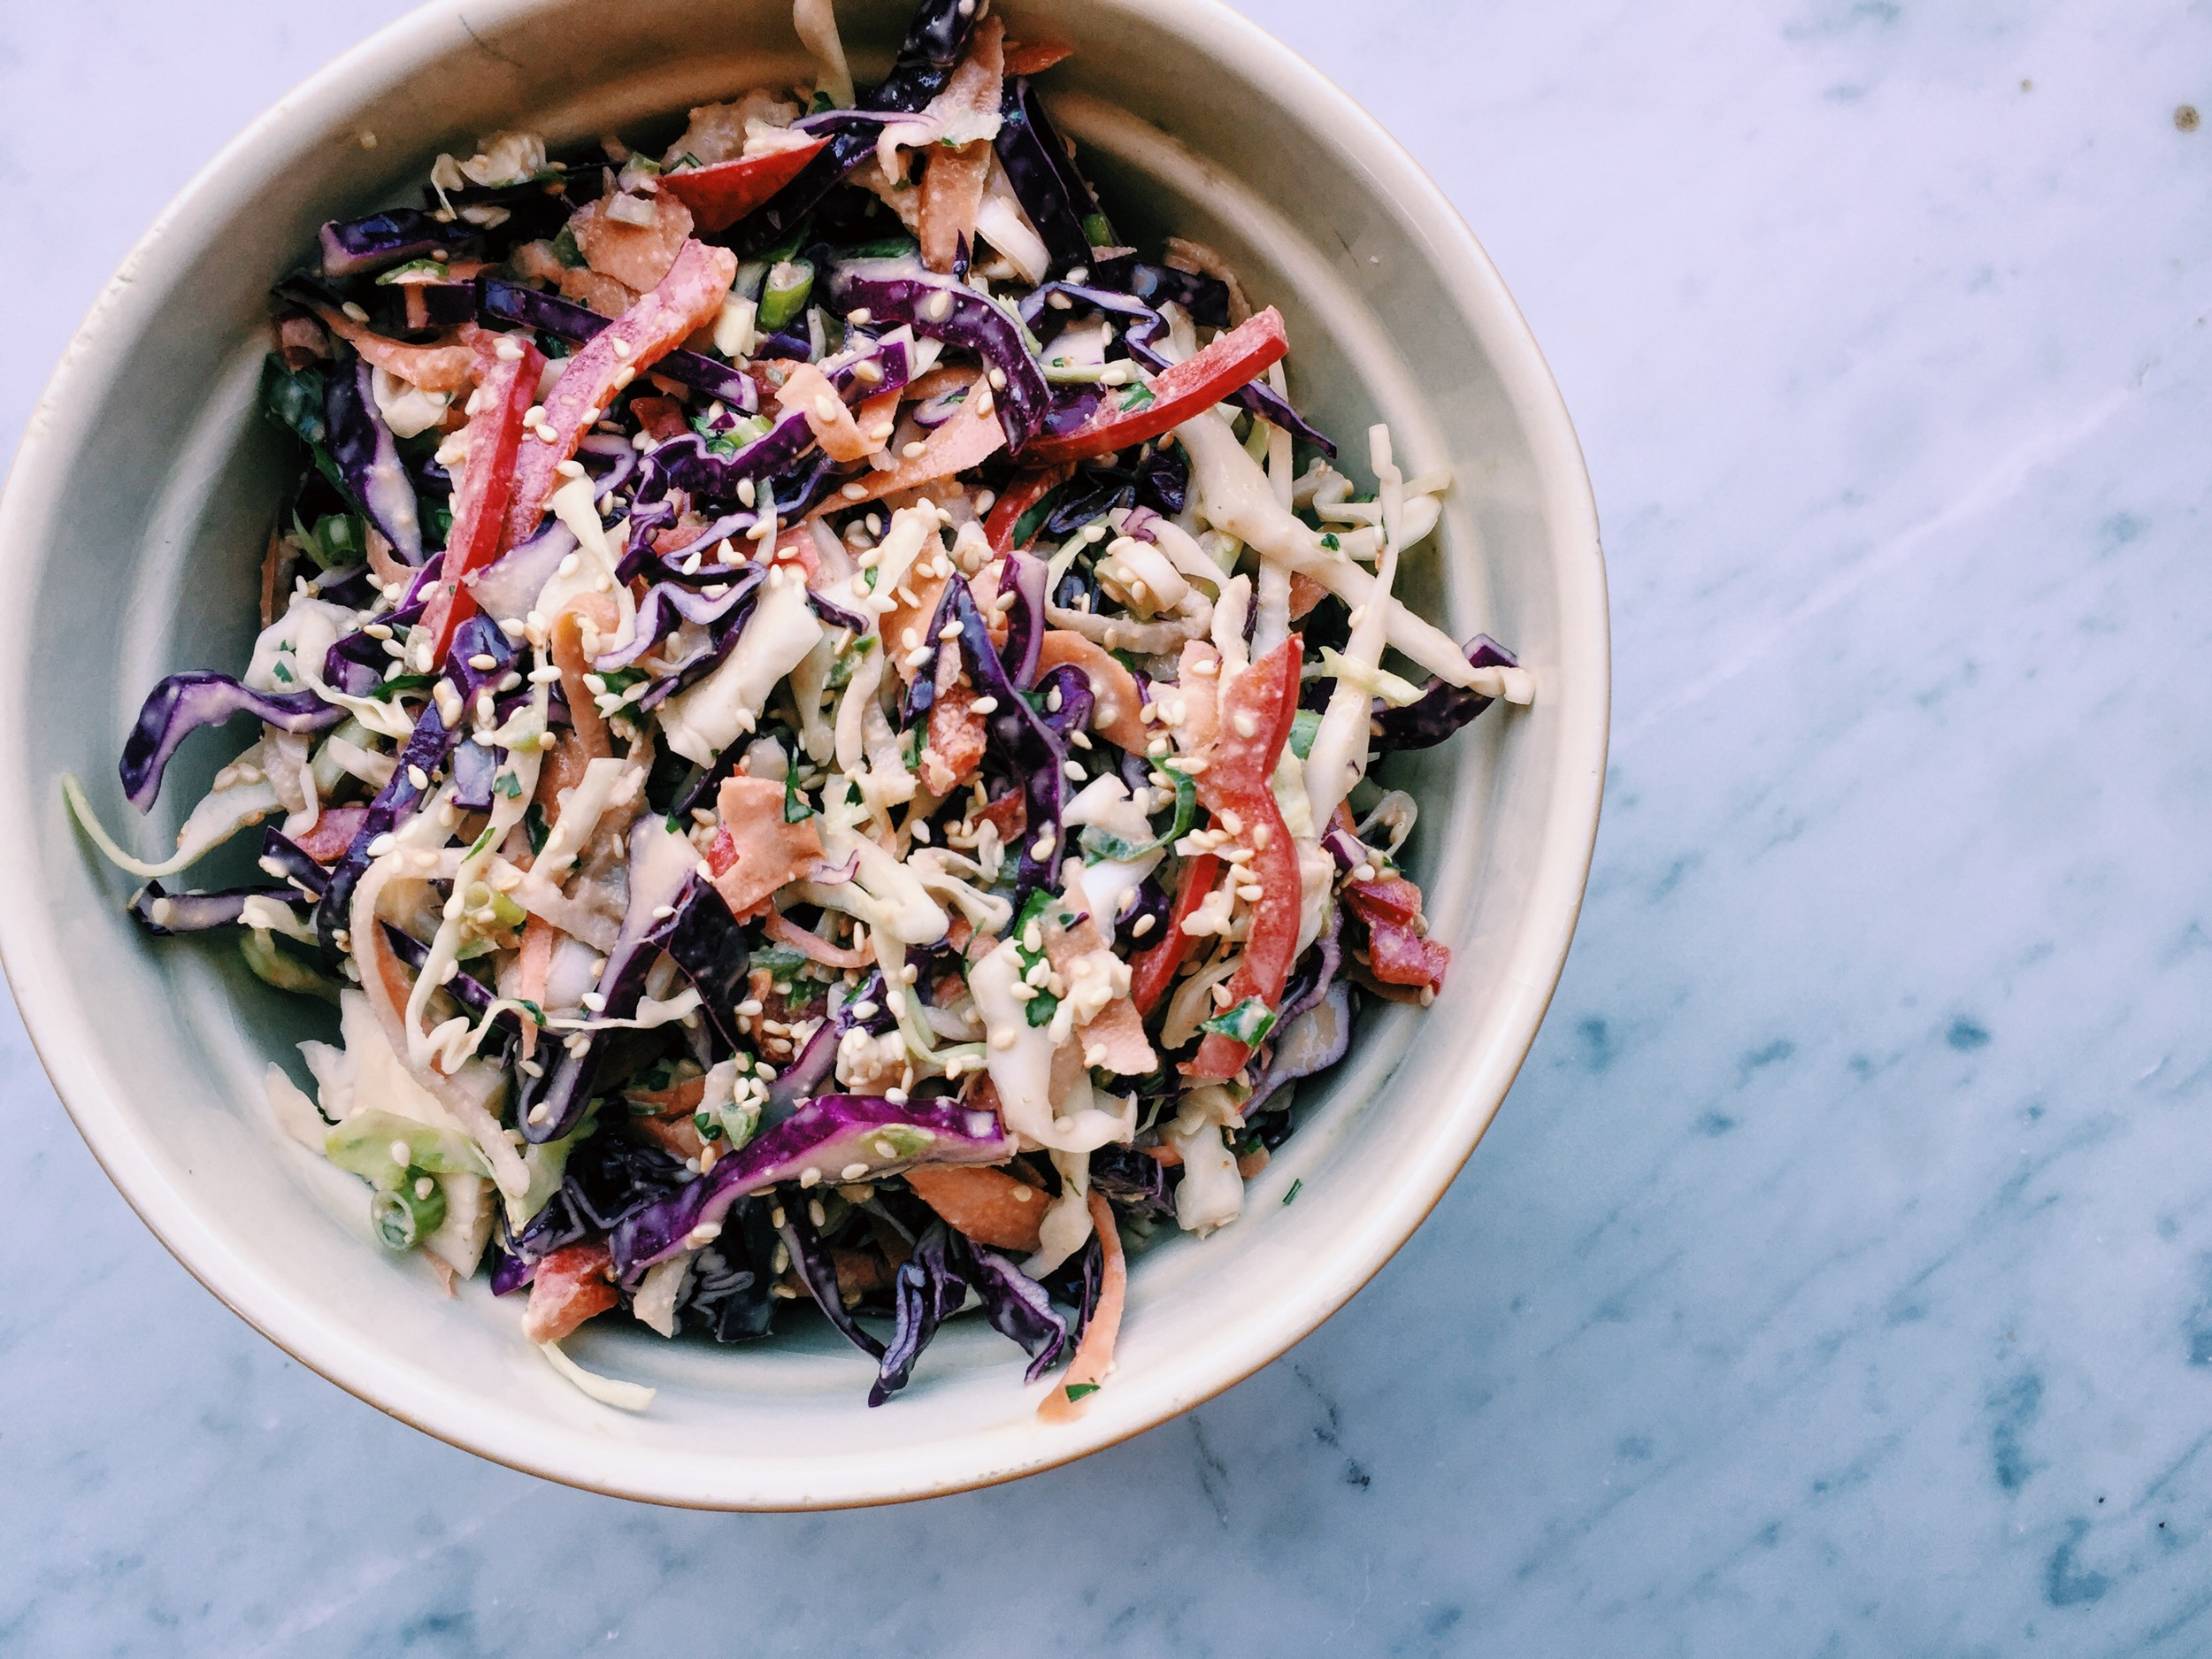 healthy-coleslaw